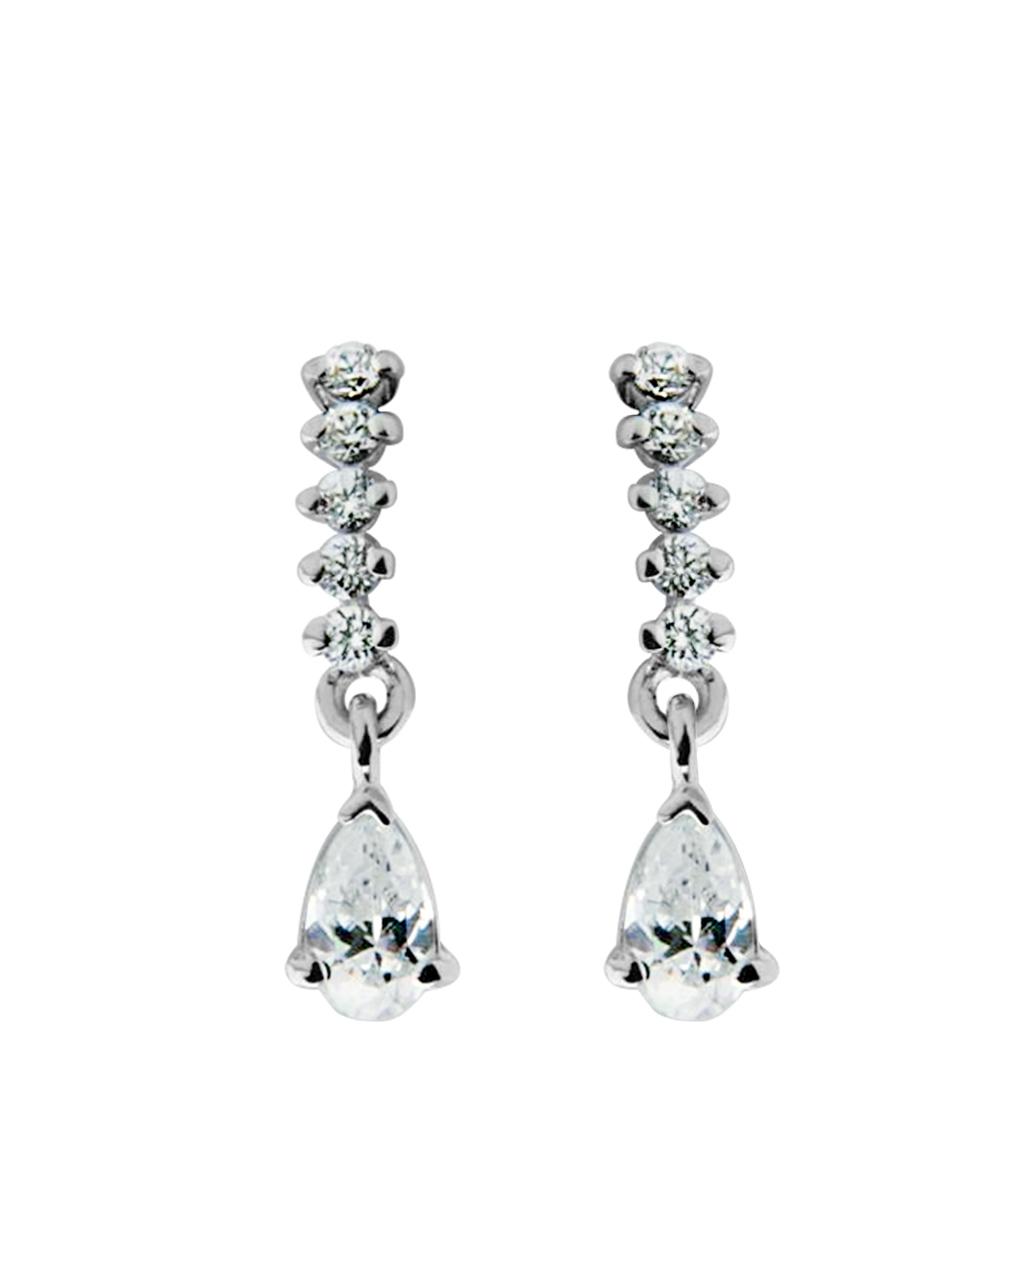 Σκουλαρίκια λευκόχρυσα Κ14 με Ζιργκόν   νεεσ αφιξεισ κοσμήματα γυναικεία